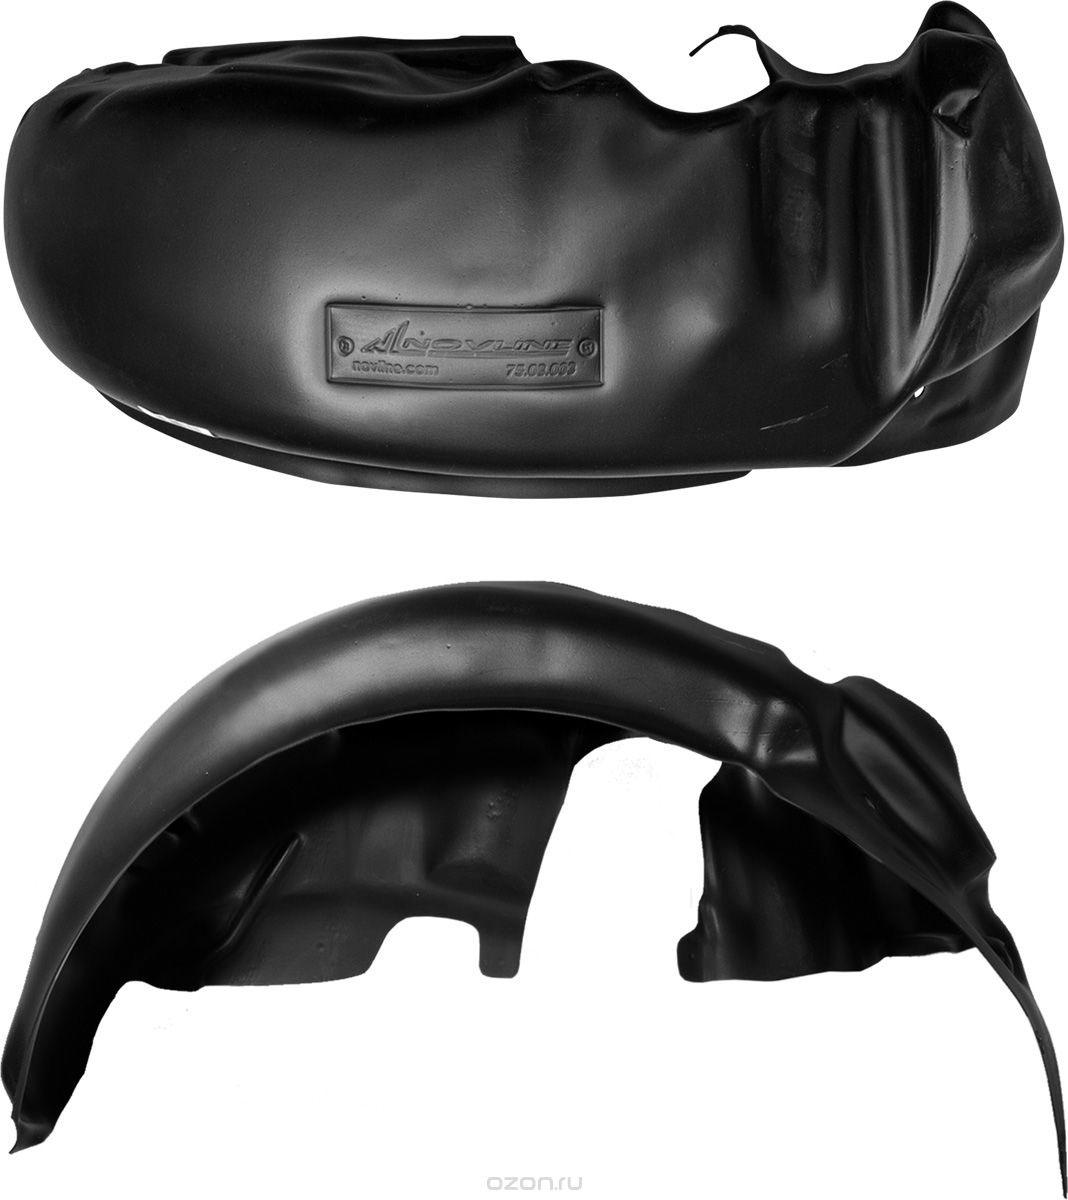 Подкрылок Novline-Autofamily, для HYUNDAI Tucson, 11/2015->, кроссовер, задний левый42803004Идеальная защита колесной ниши. Локеры разработаны с применением цифровых технологий, гарантируют максимальную повторяемость поверхности арки. Изделия устанавливаются без нарушения лакокрасочного покрытия автомобиля, каждый подкрылок комплектуется крепежом. Уважаемые клиенты, обращаем ваше внимание, что фотографии на подкрылки универсальные и не отражают реальную форму изделия. При этом само изделие идет точно под размер указанного автомобиля.